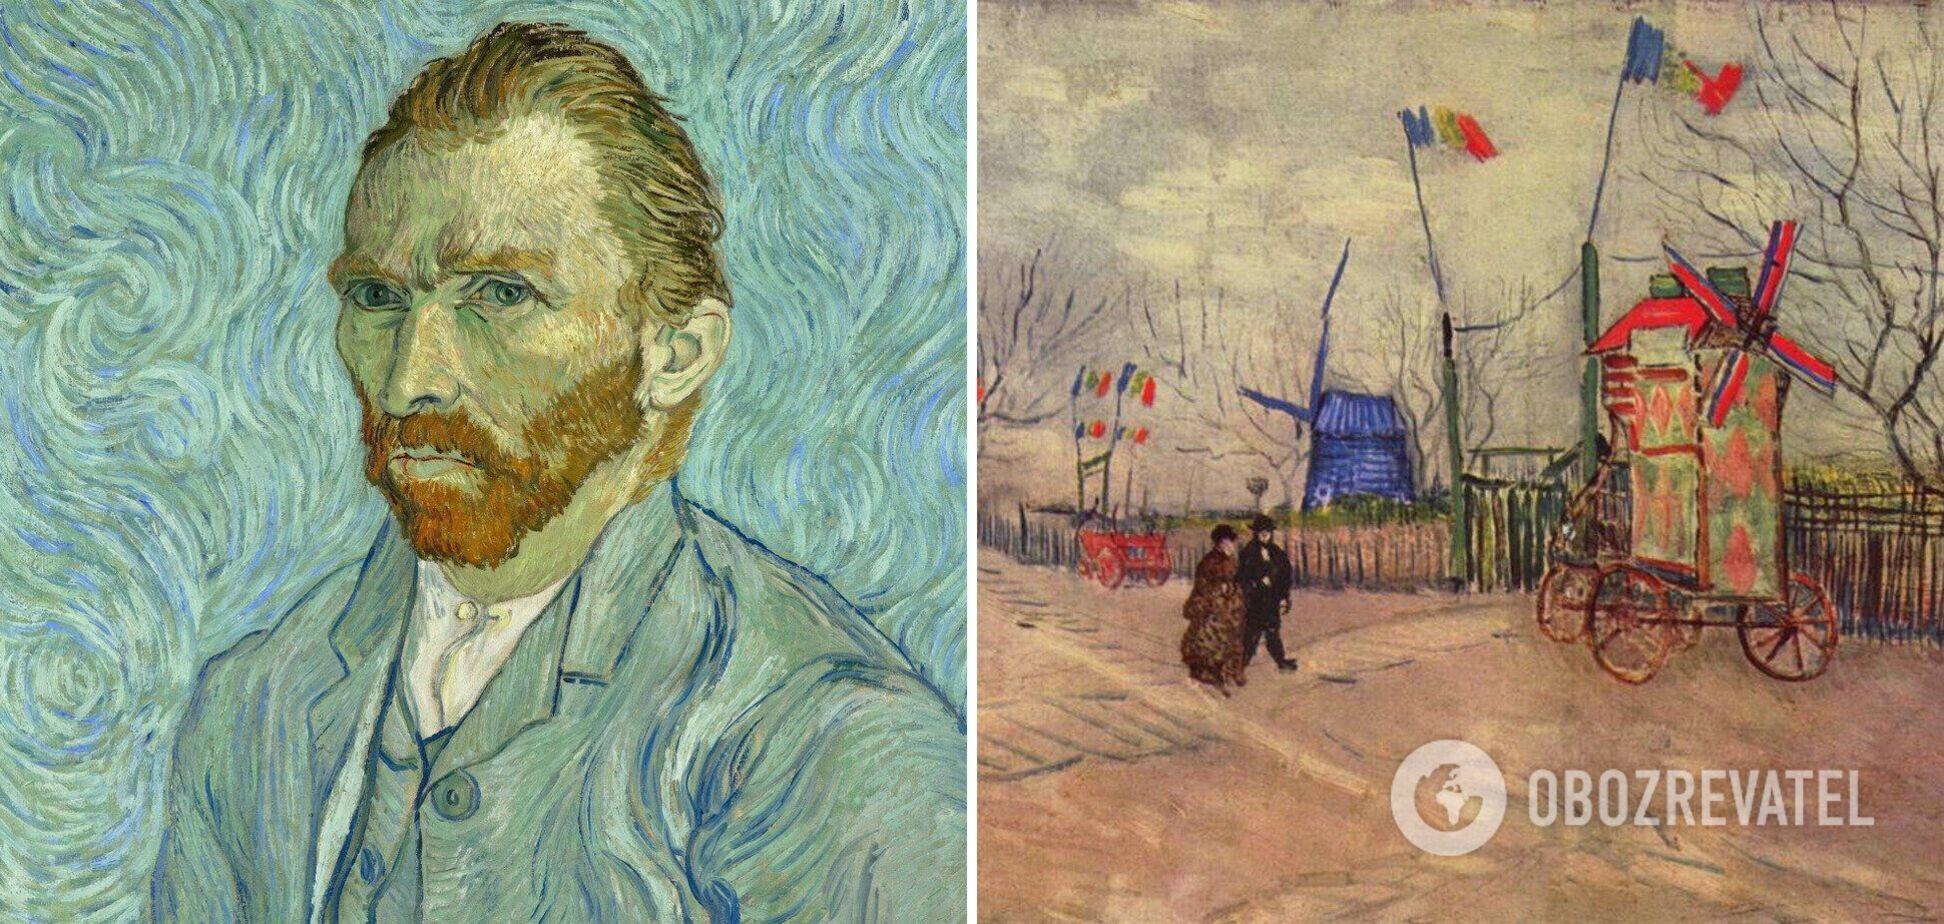 Легендарную картину Ван Гога впервые представят публике